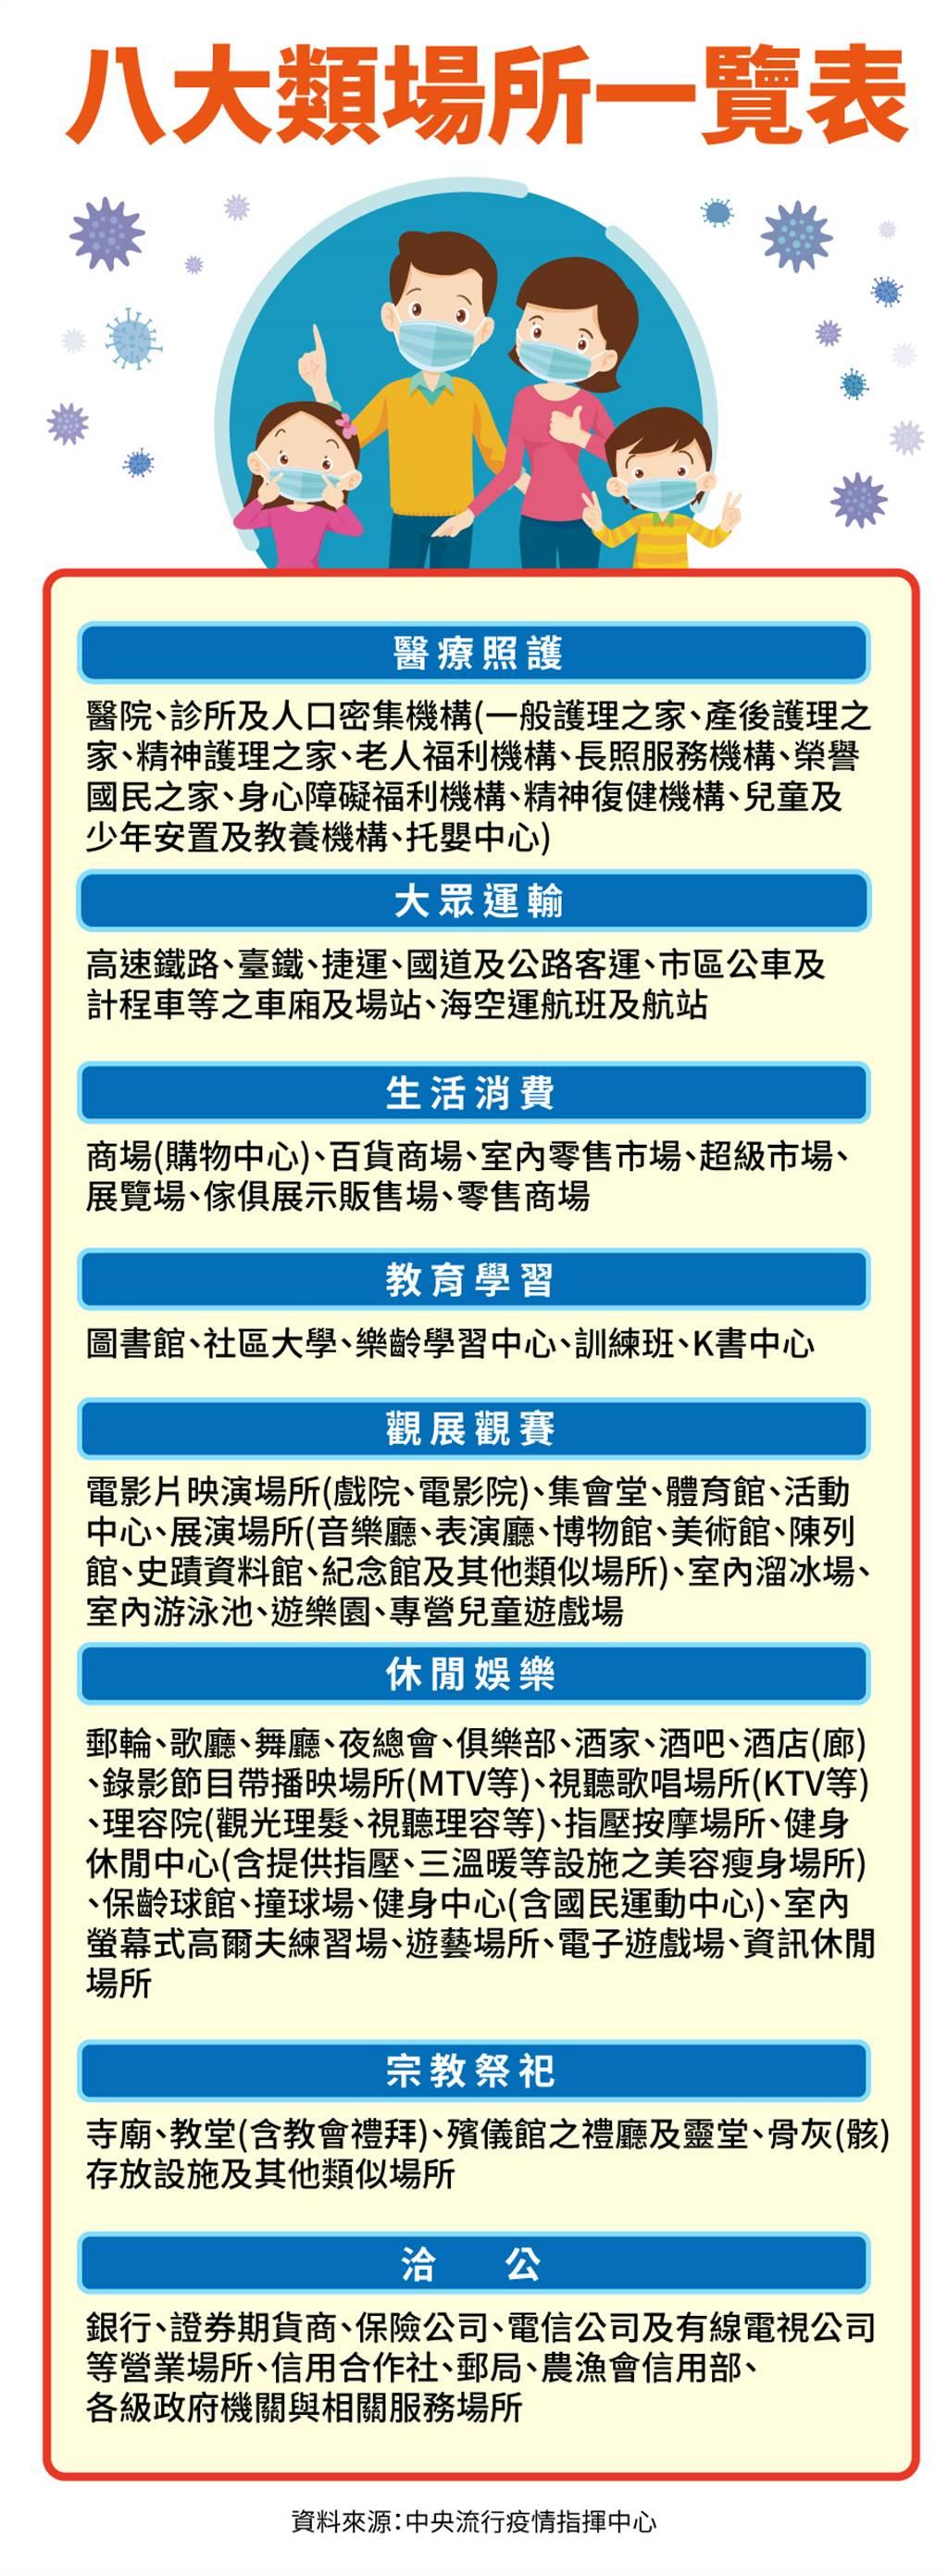 8大類場所一覽表。(中時新聞網製圖/資料來源:中央流行疫情指揮中心)